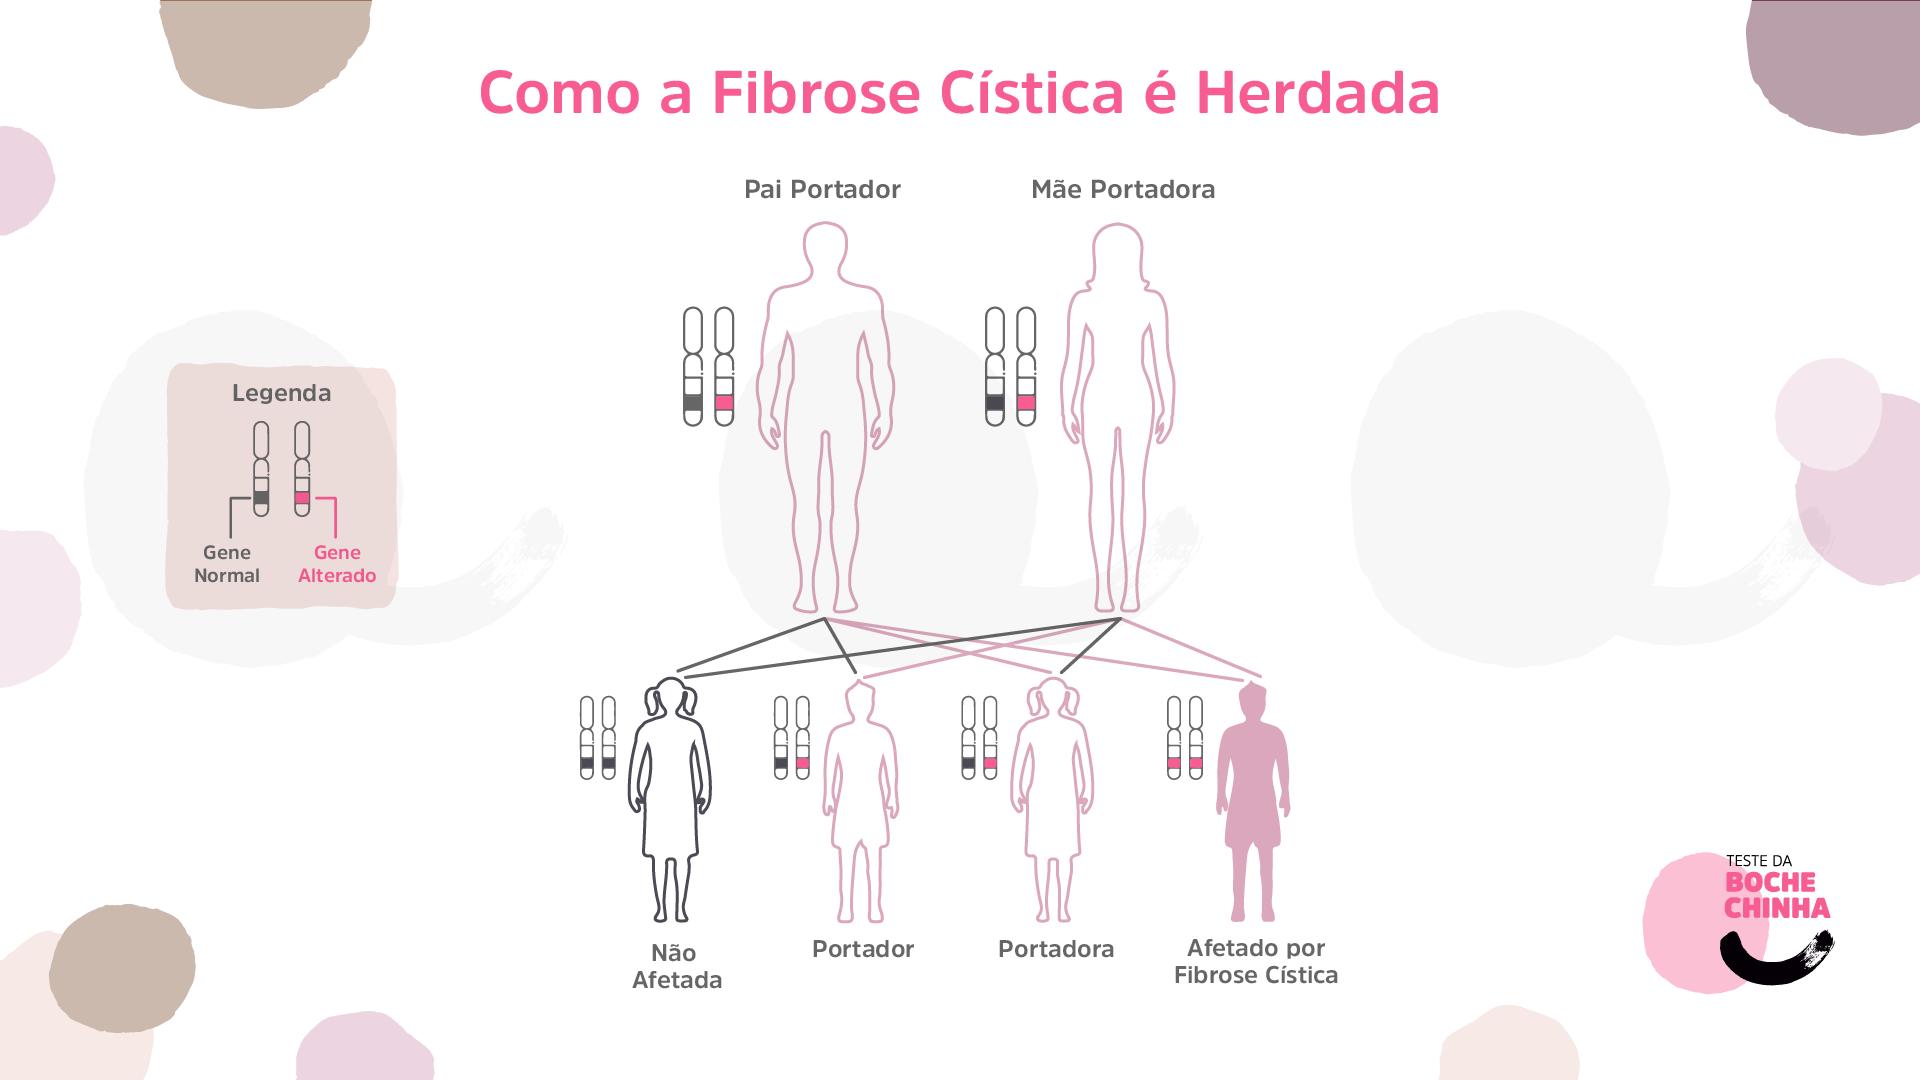 A fibrose cística é uma doença genética causada por alterações nas duas cópias do gene CFTR, que fornece as instruções para produzir a proteína CFTR.